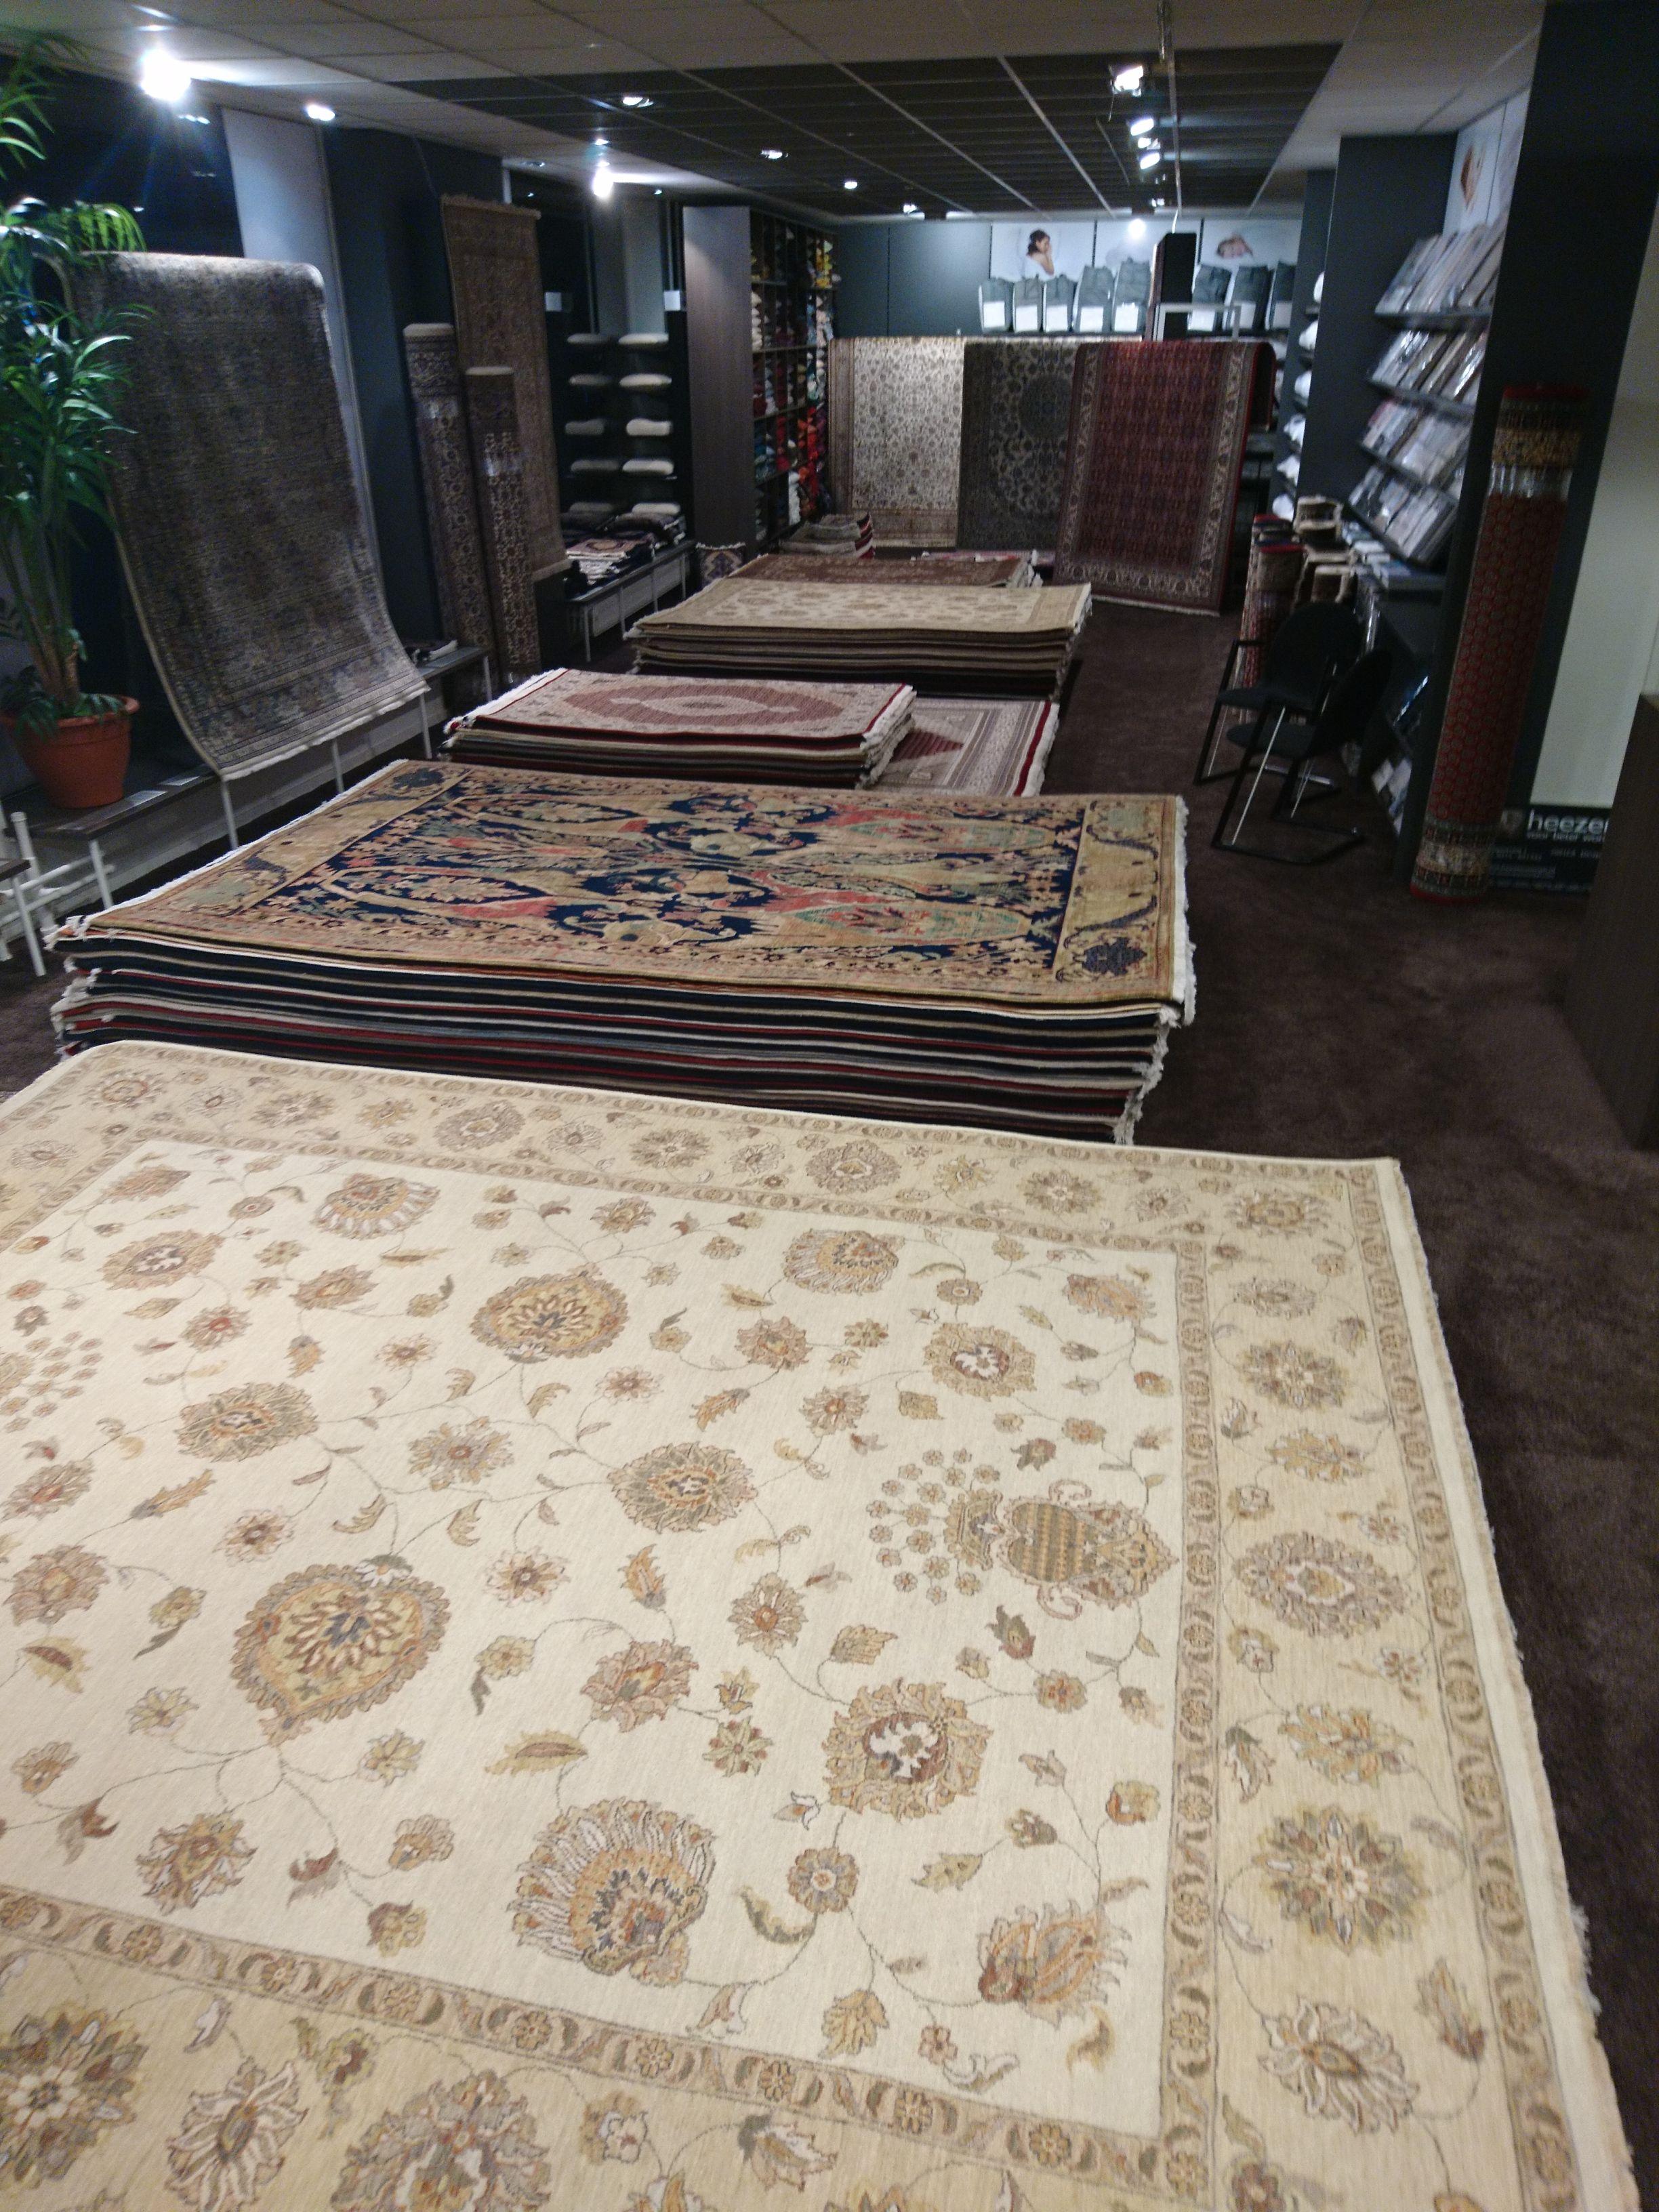 Perzisch Tapijt Schoonmaken : Zelf tapijt reinigen. perzisch tapijten kelim tapijt with zelf